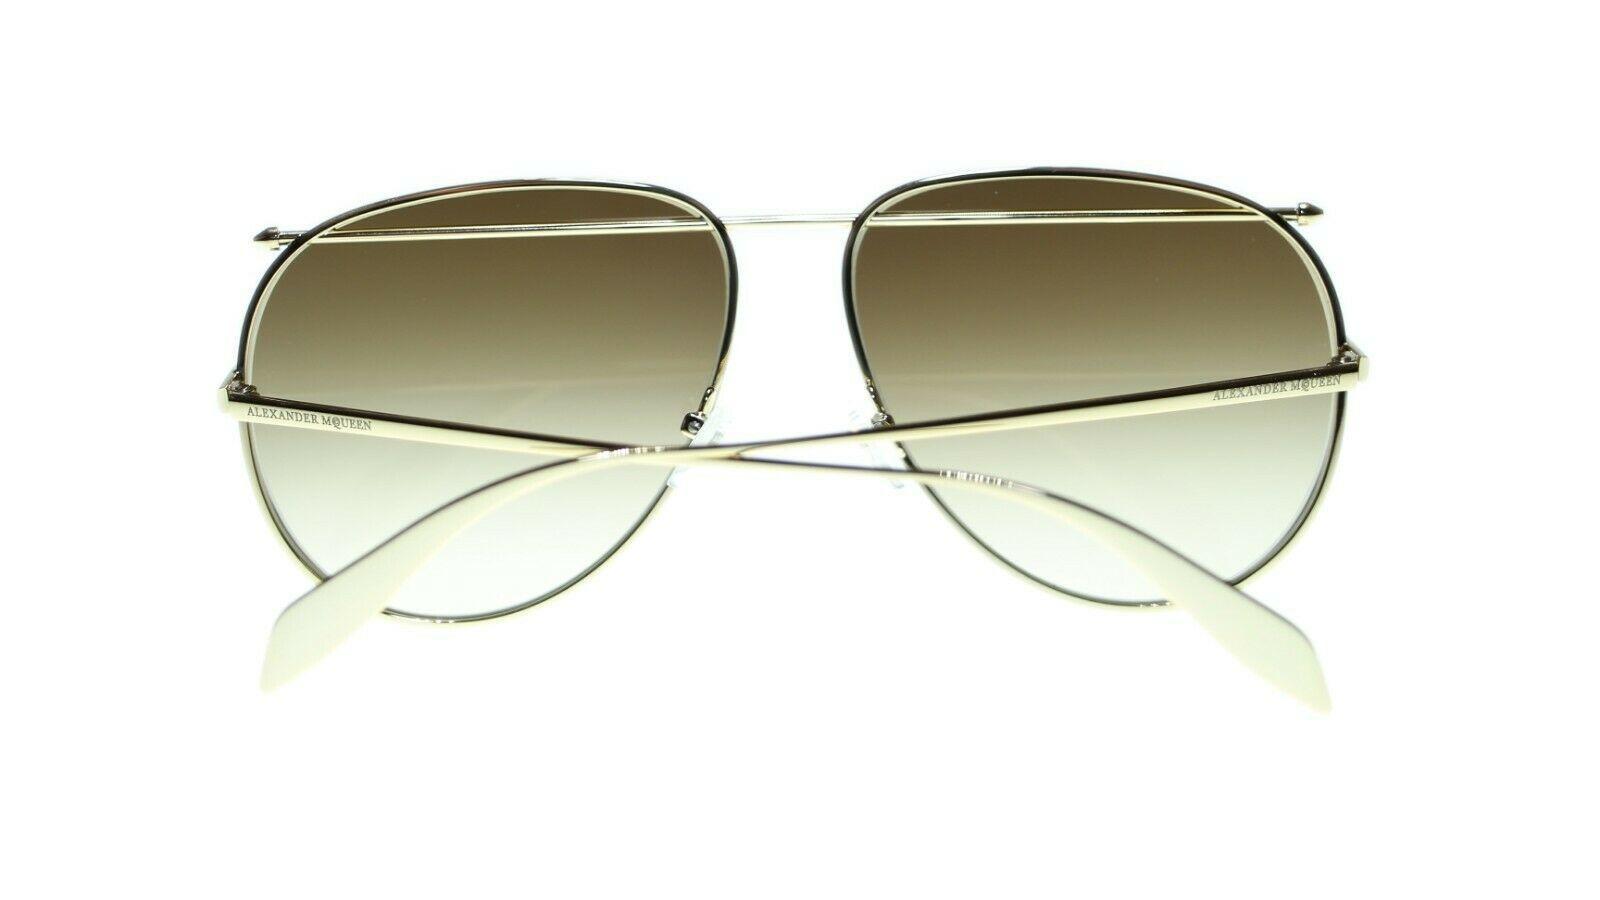 Alexander Mcqueen AM0170S 001 Unisex Metallrahmen Sonnenbrille Authentisch